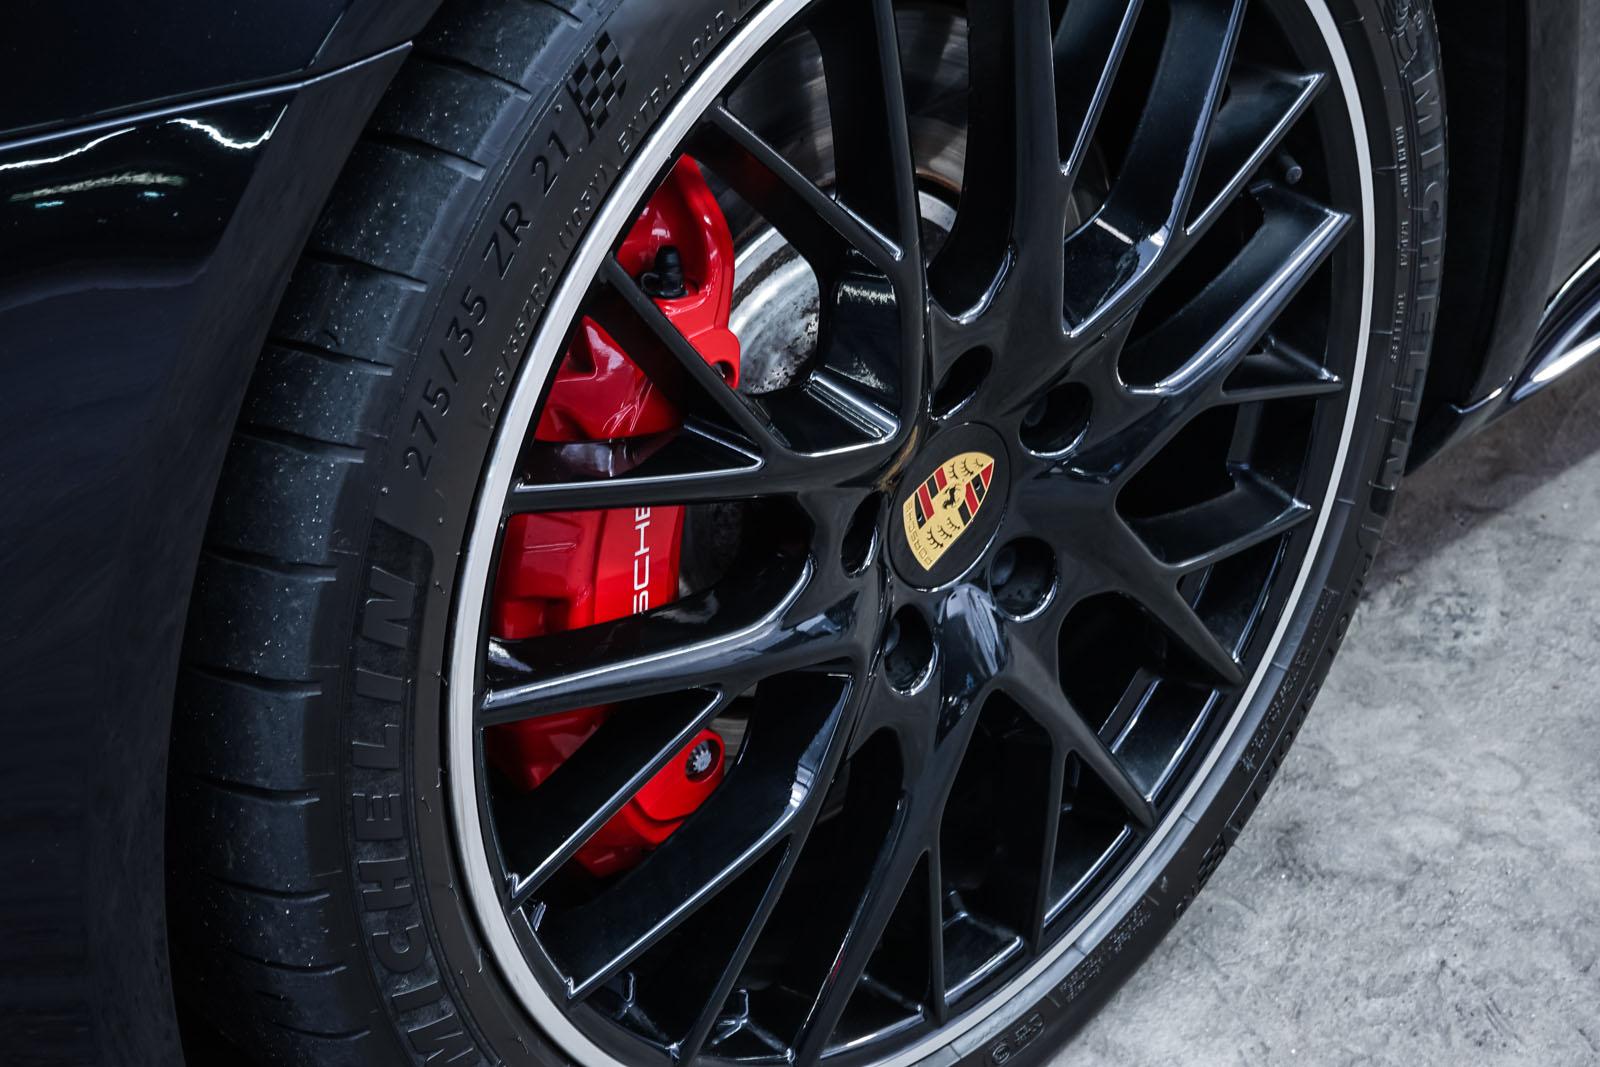 Porsche_Panamera_SportTurismo_Turbo_Schwarz_Schwarz_POR-5145_13_w